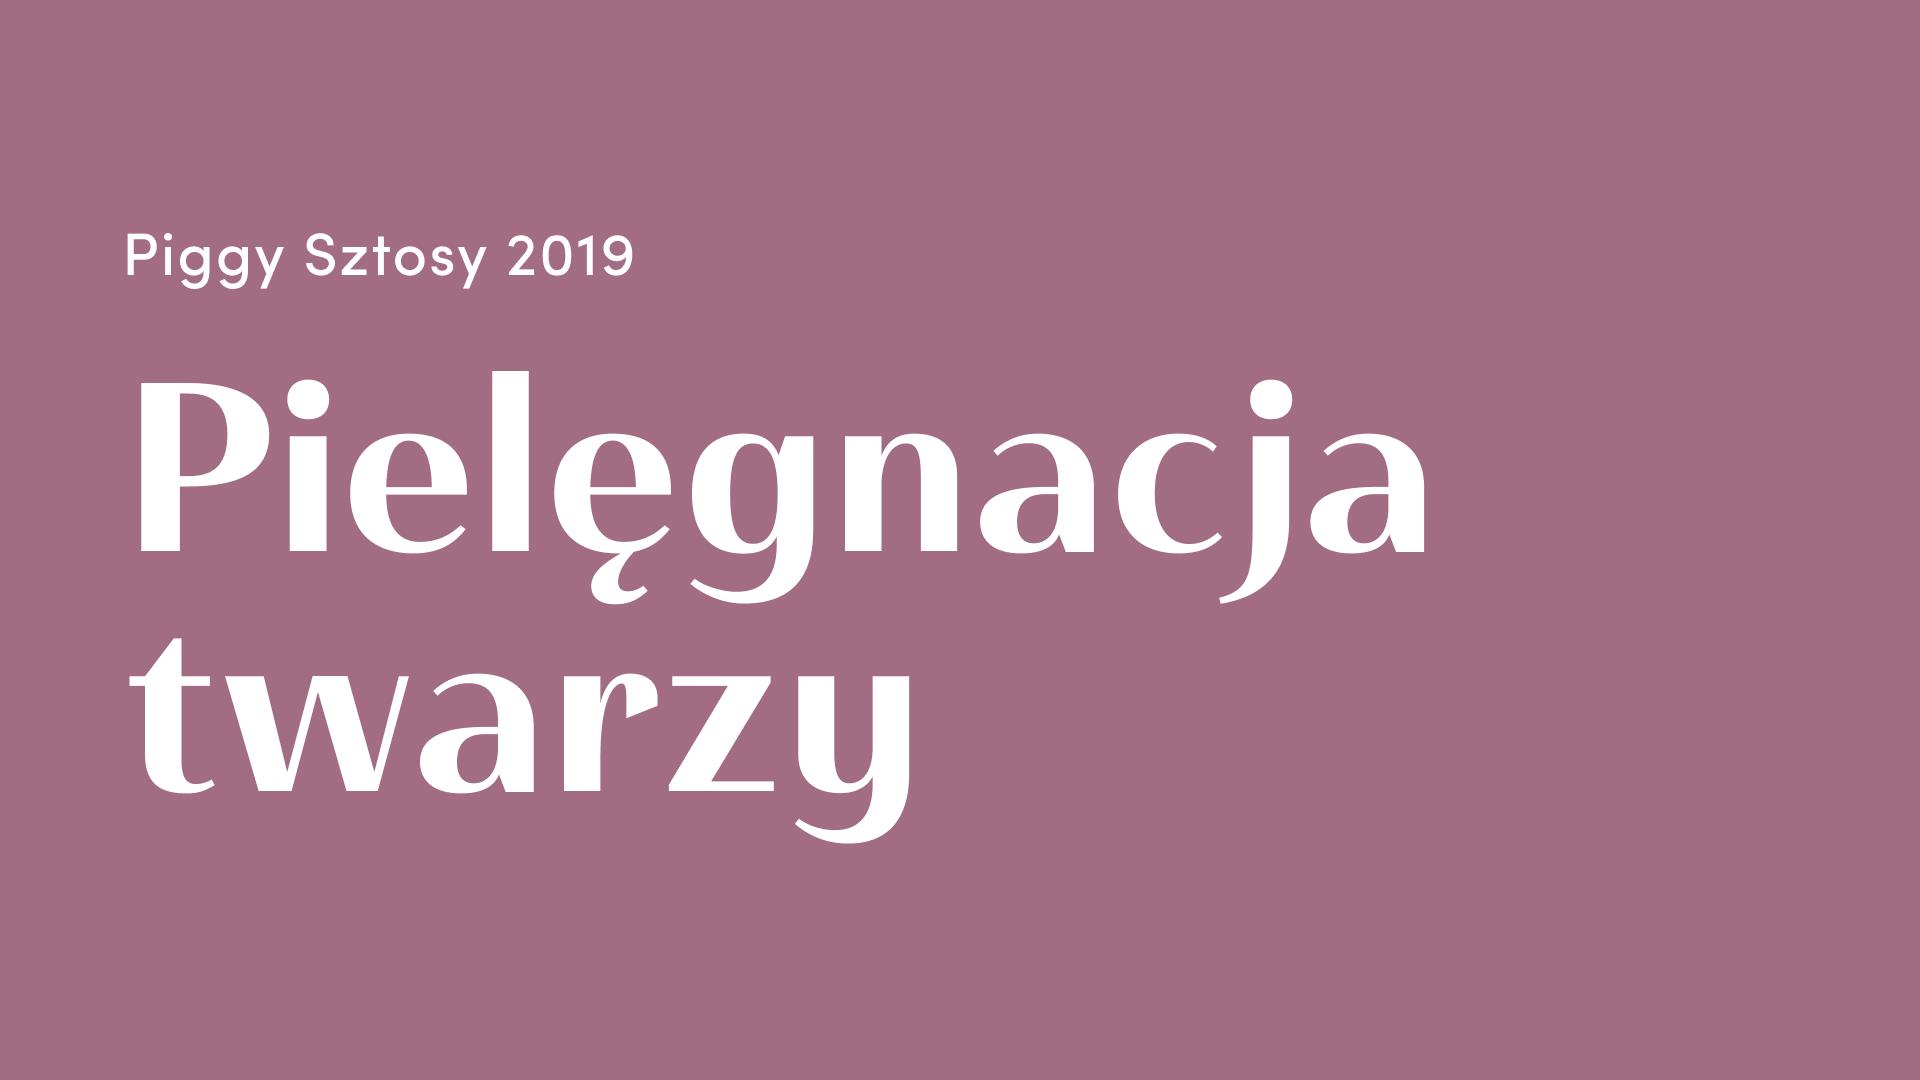 Piggy Sztosy 2019 - część 1 (pielęgnacja twarzy ciała i włosów)